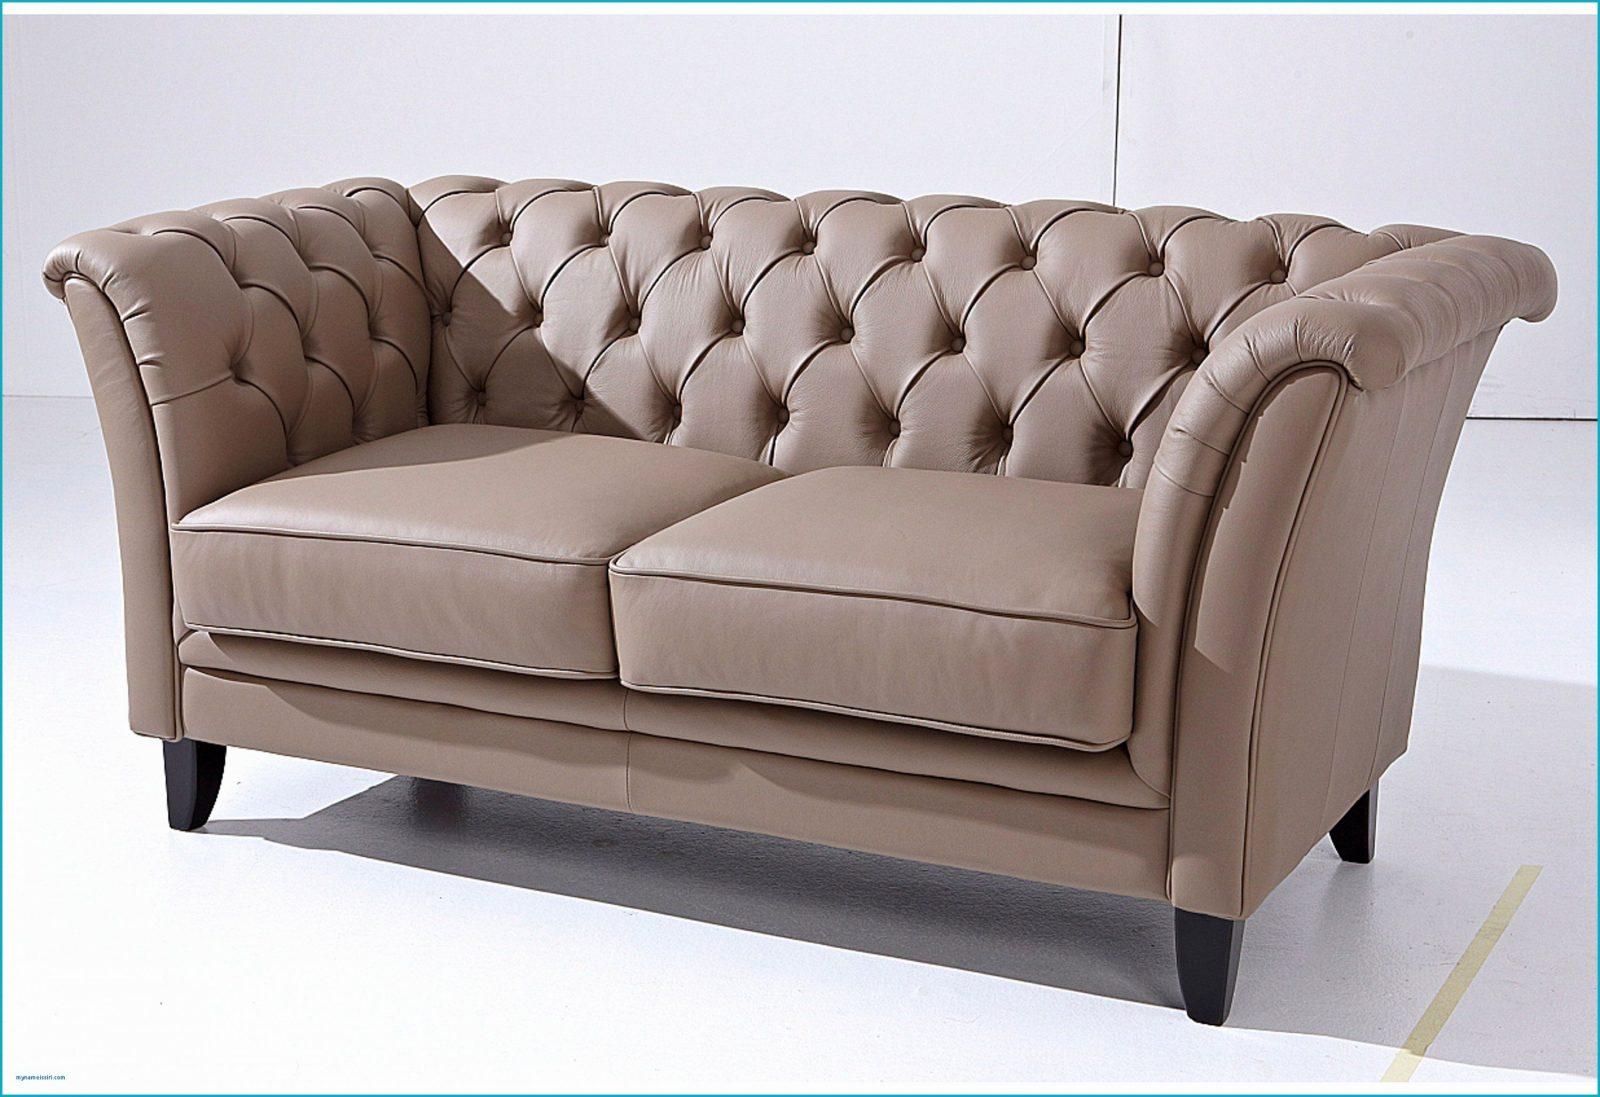 Couch Auf Raten Als Neukunde Gallery Of Schlafsofa Sofa Couch von Couch Auf Raten Als Neukunde Photo